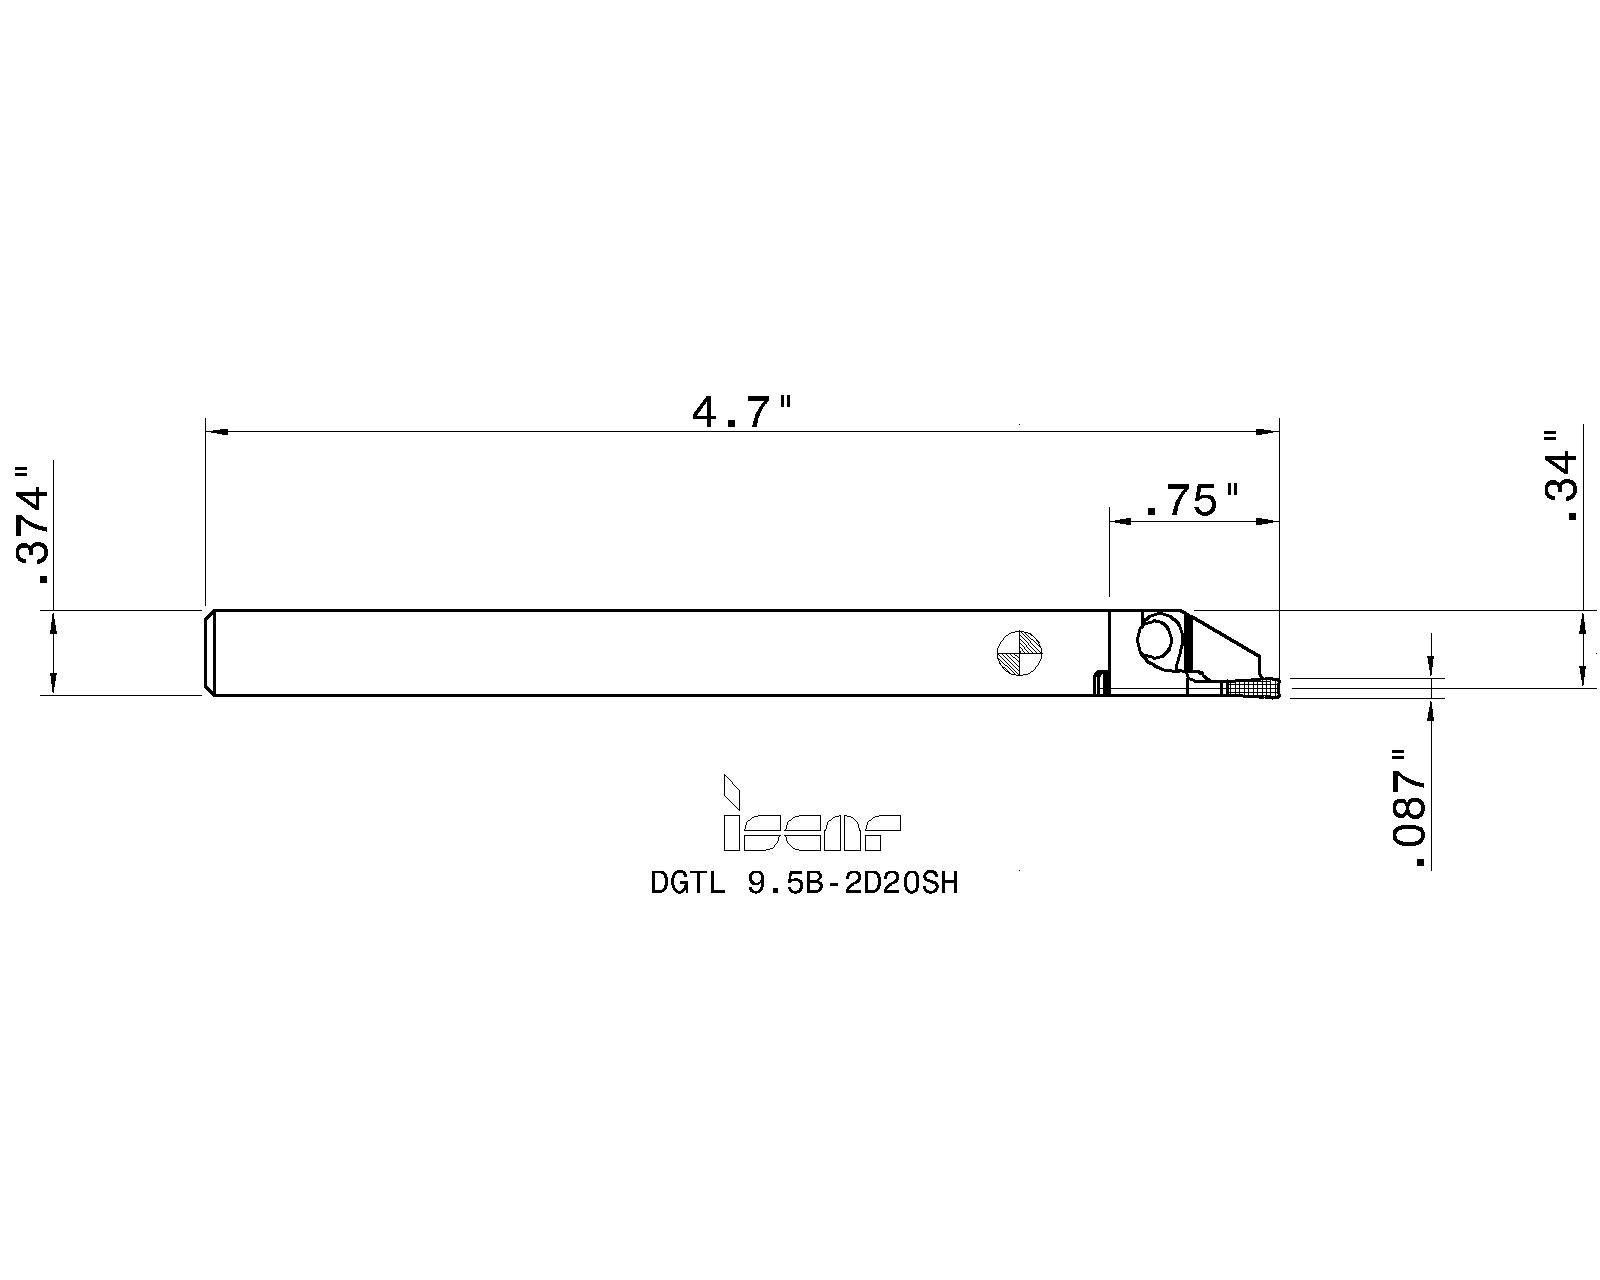 DGTR 9.5B-2D20SH